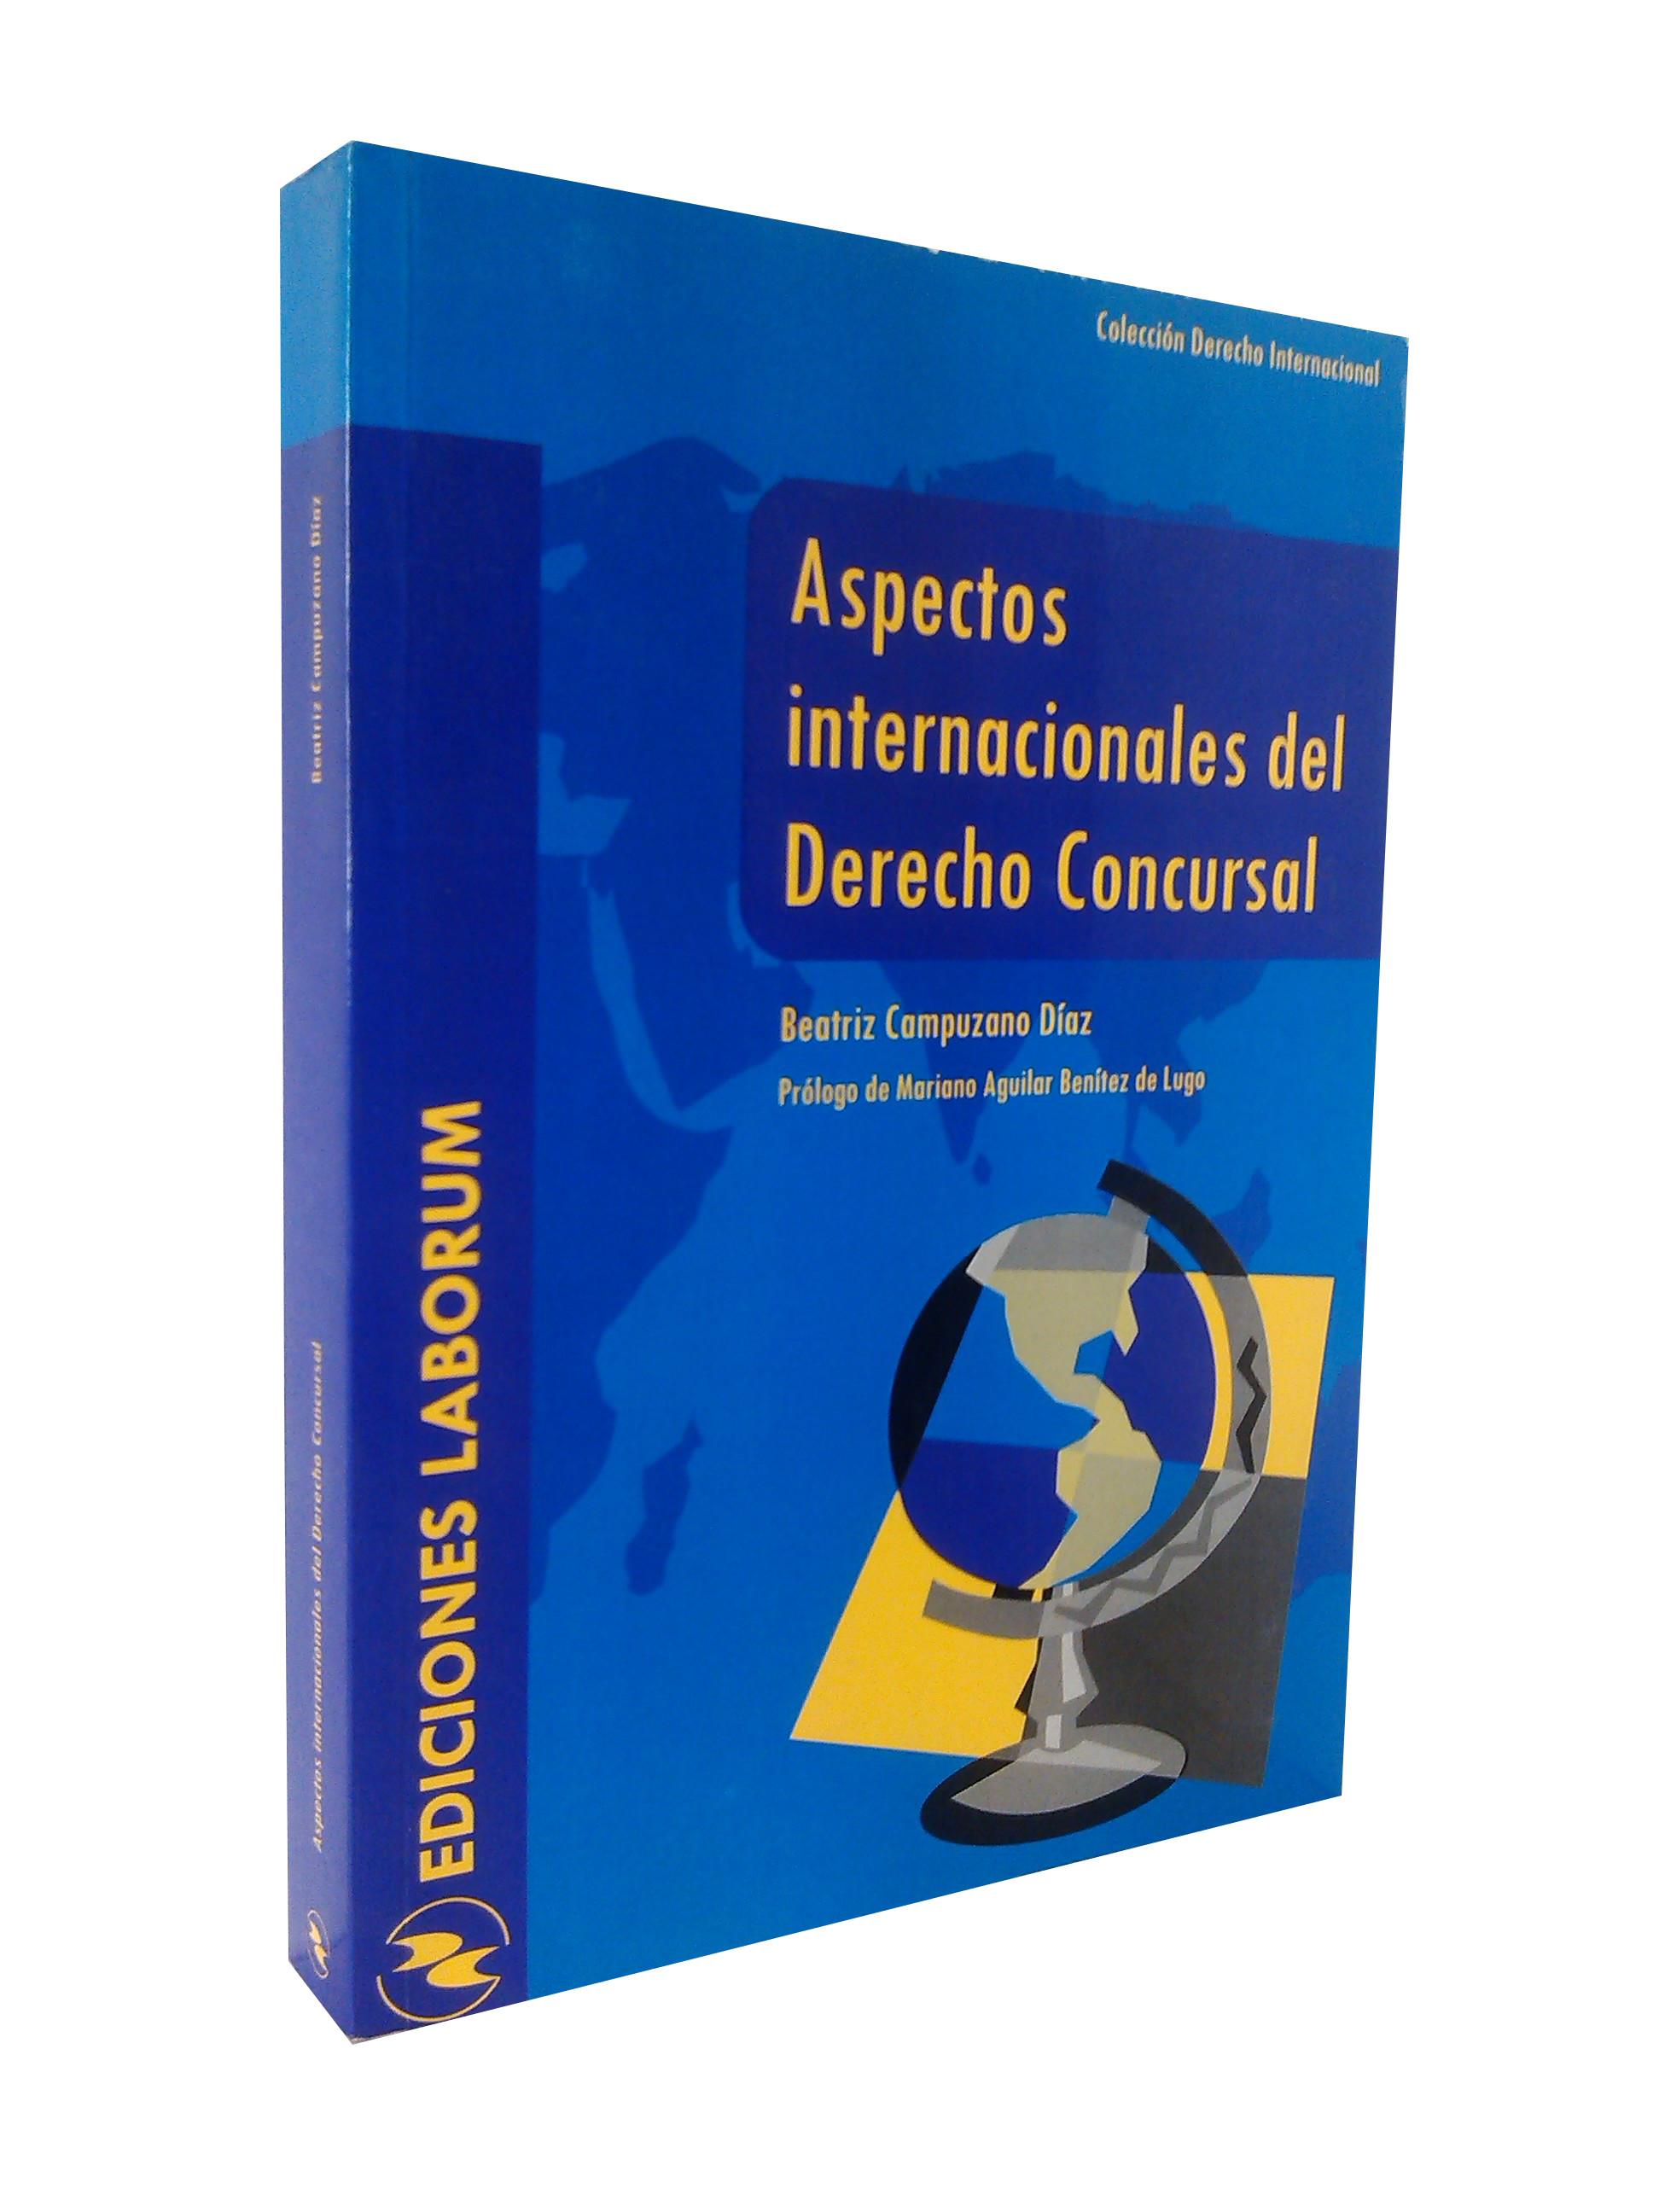 Aspectos internacionales del Derecho Concursal